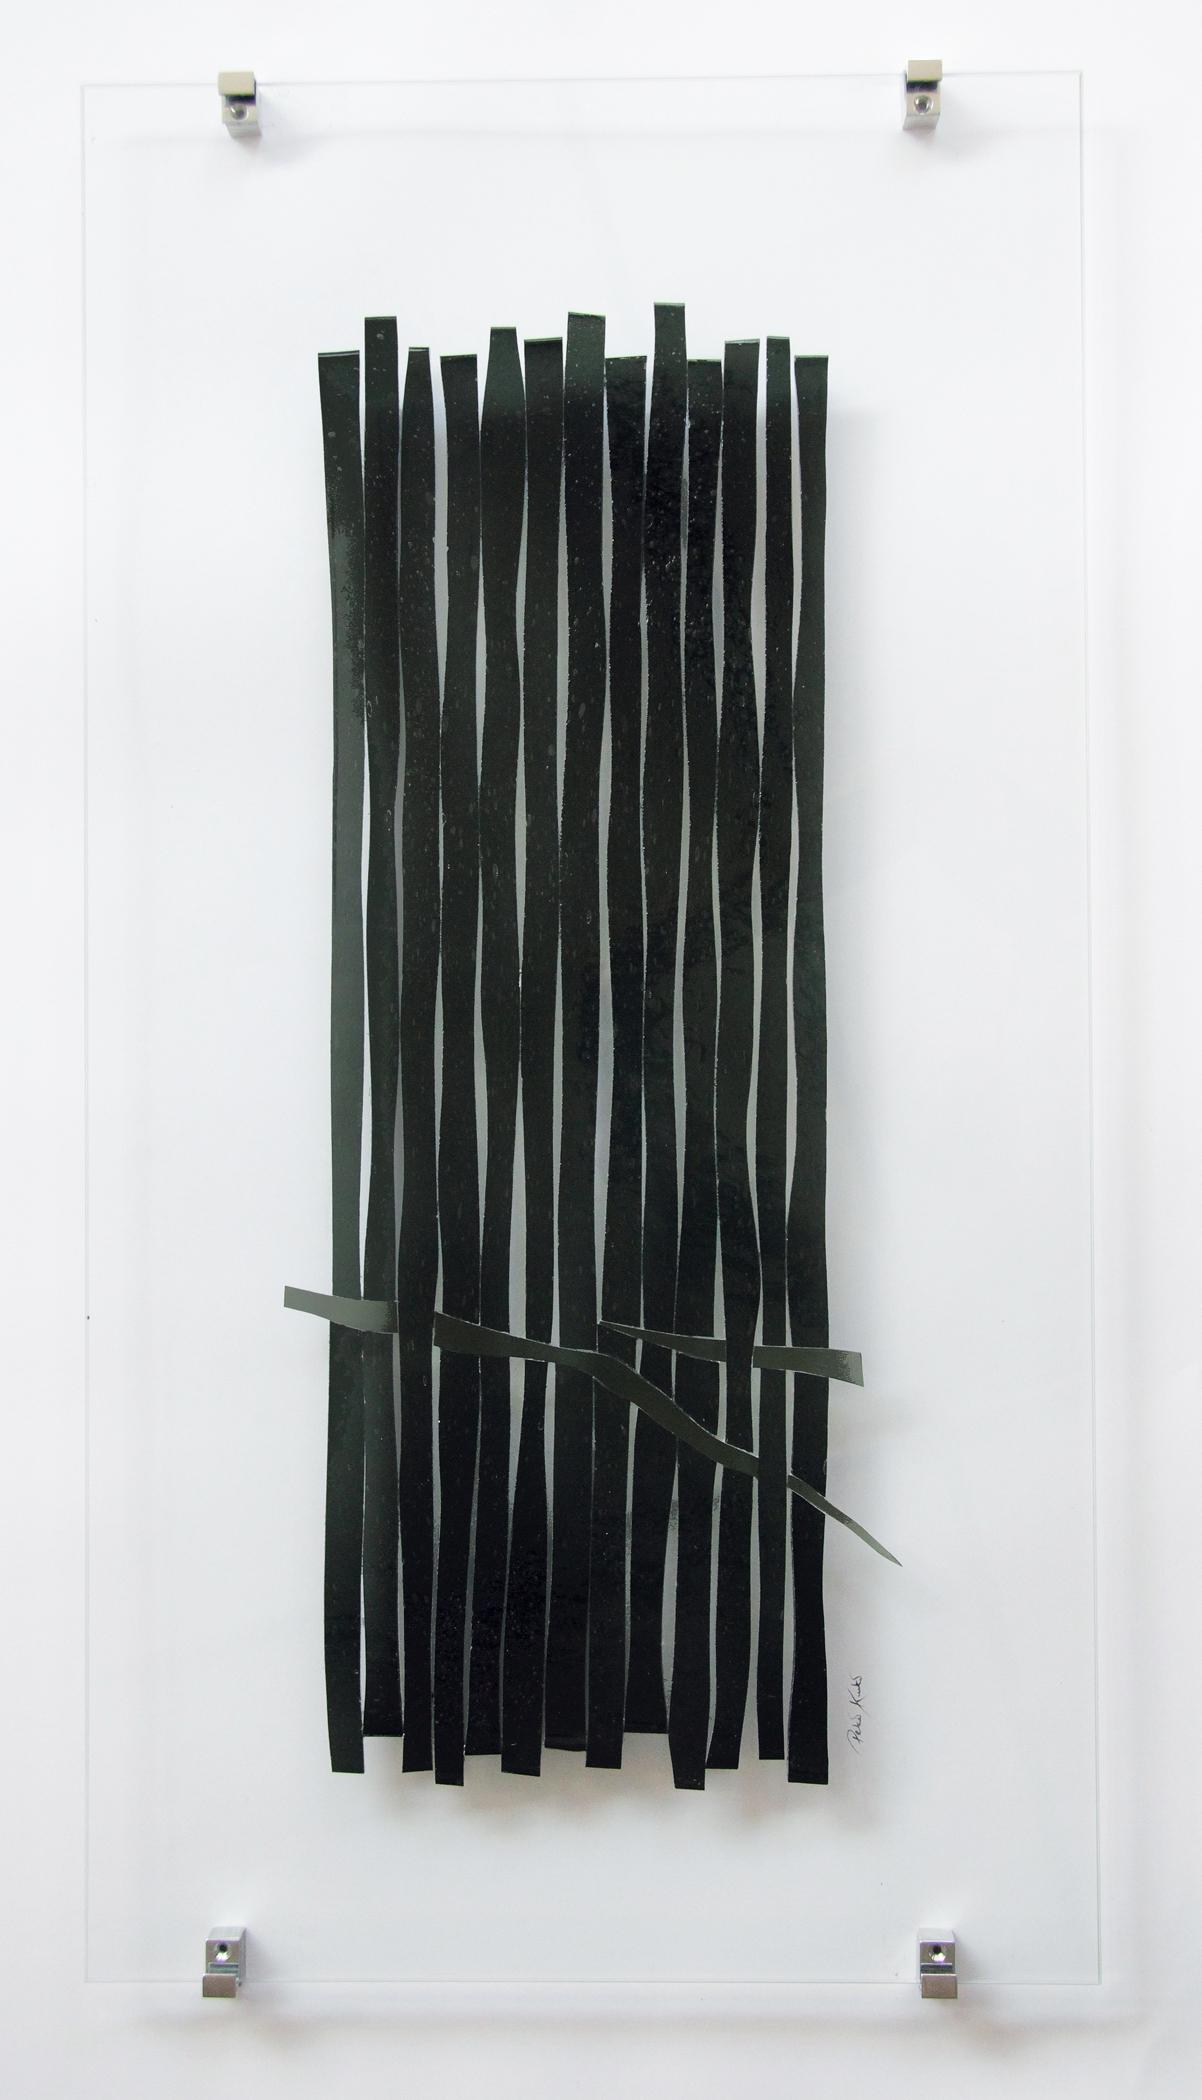 Glascollage - Geflecht - Atelier für Glasmalerei - Peter Kuster -Glasdesign